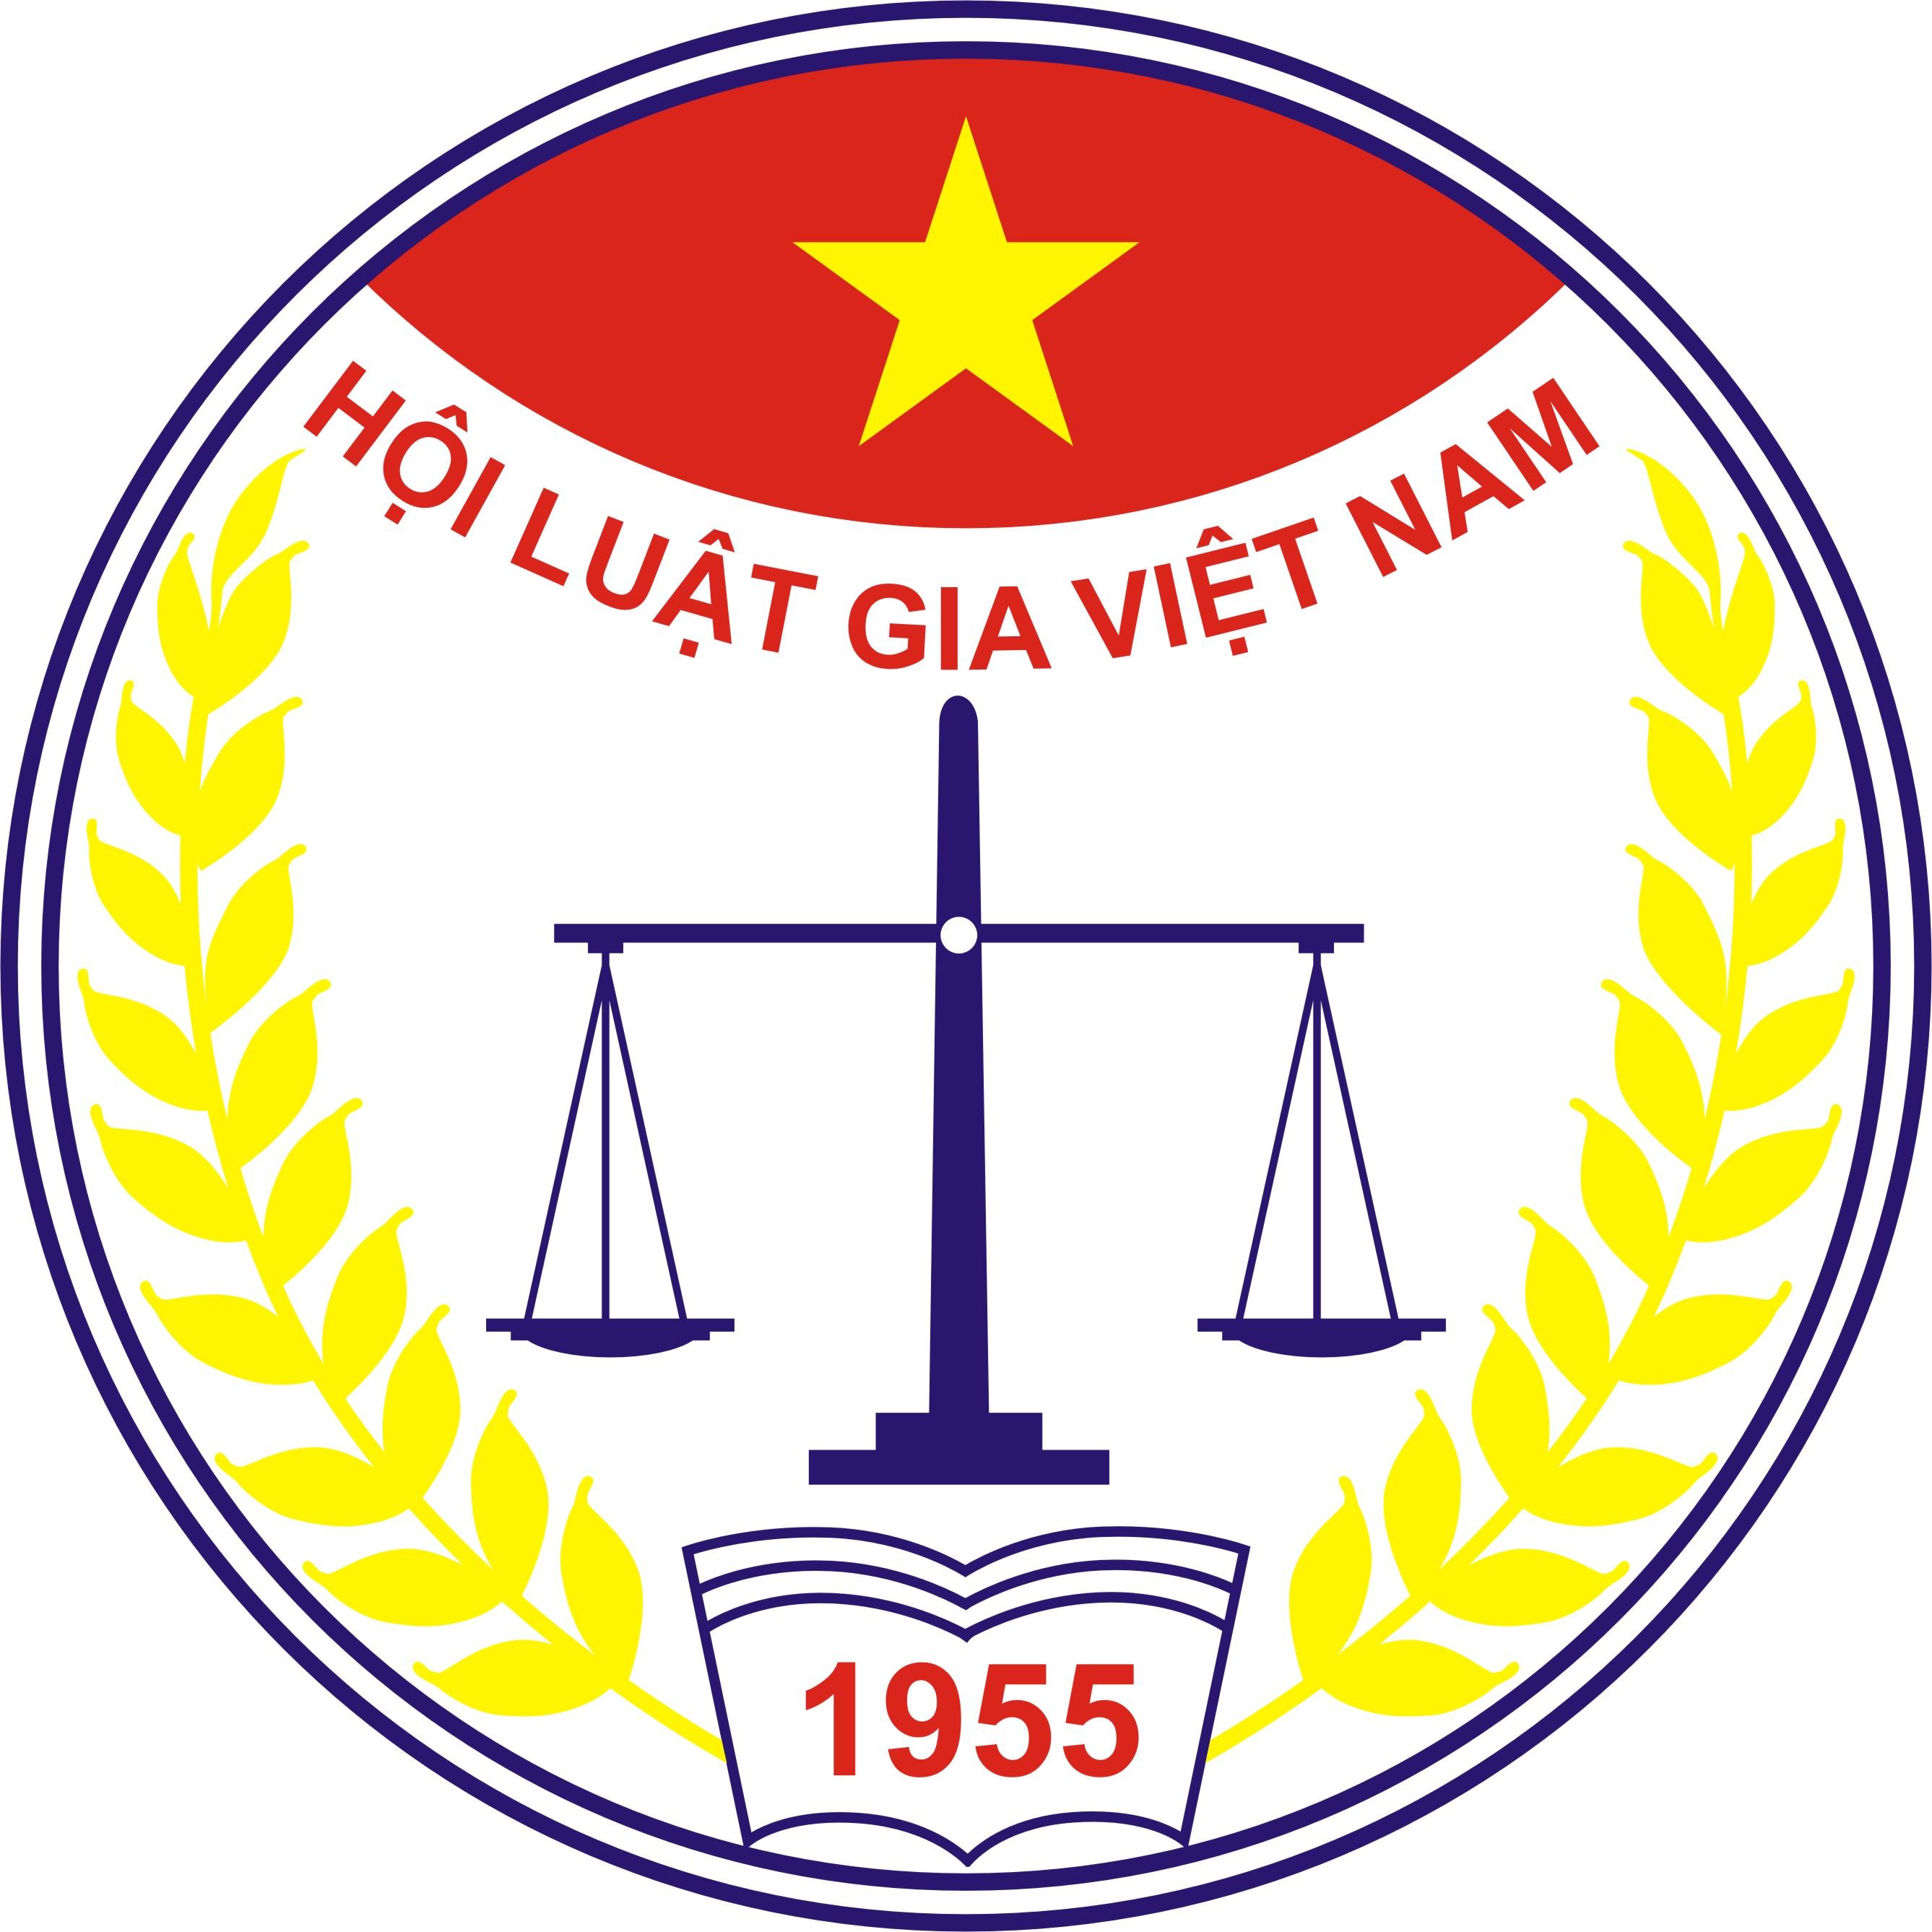 Thủ tướng phê duyệt Điều lệ Hội Luật gia Việt Nam